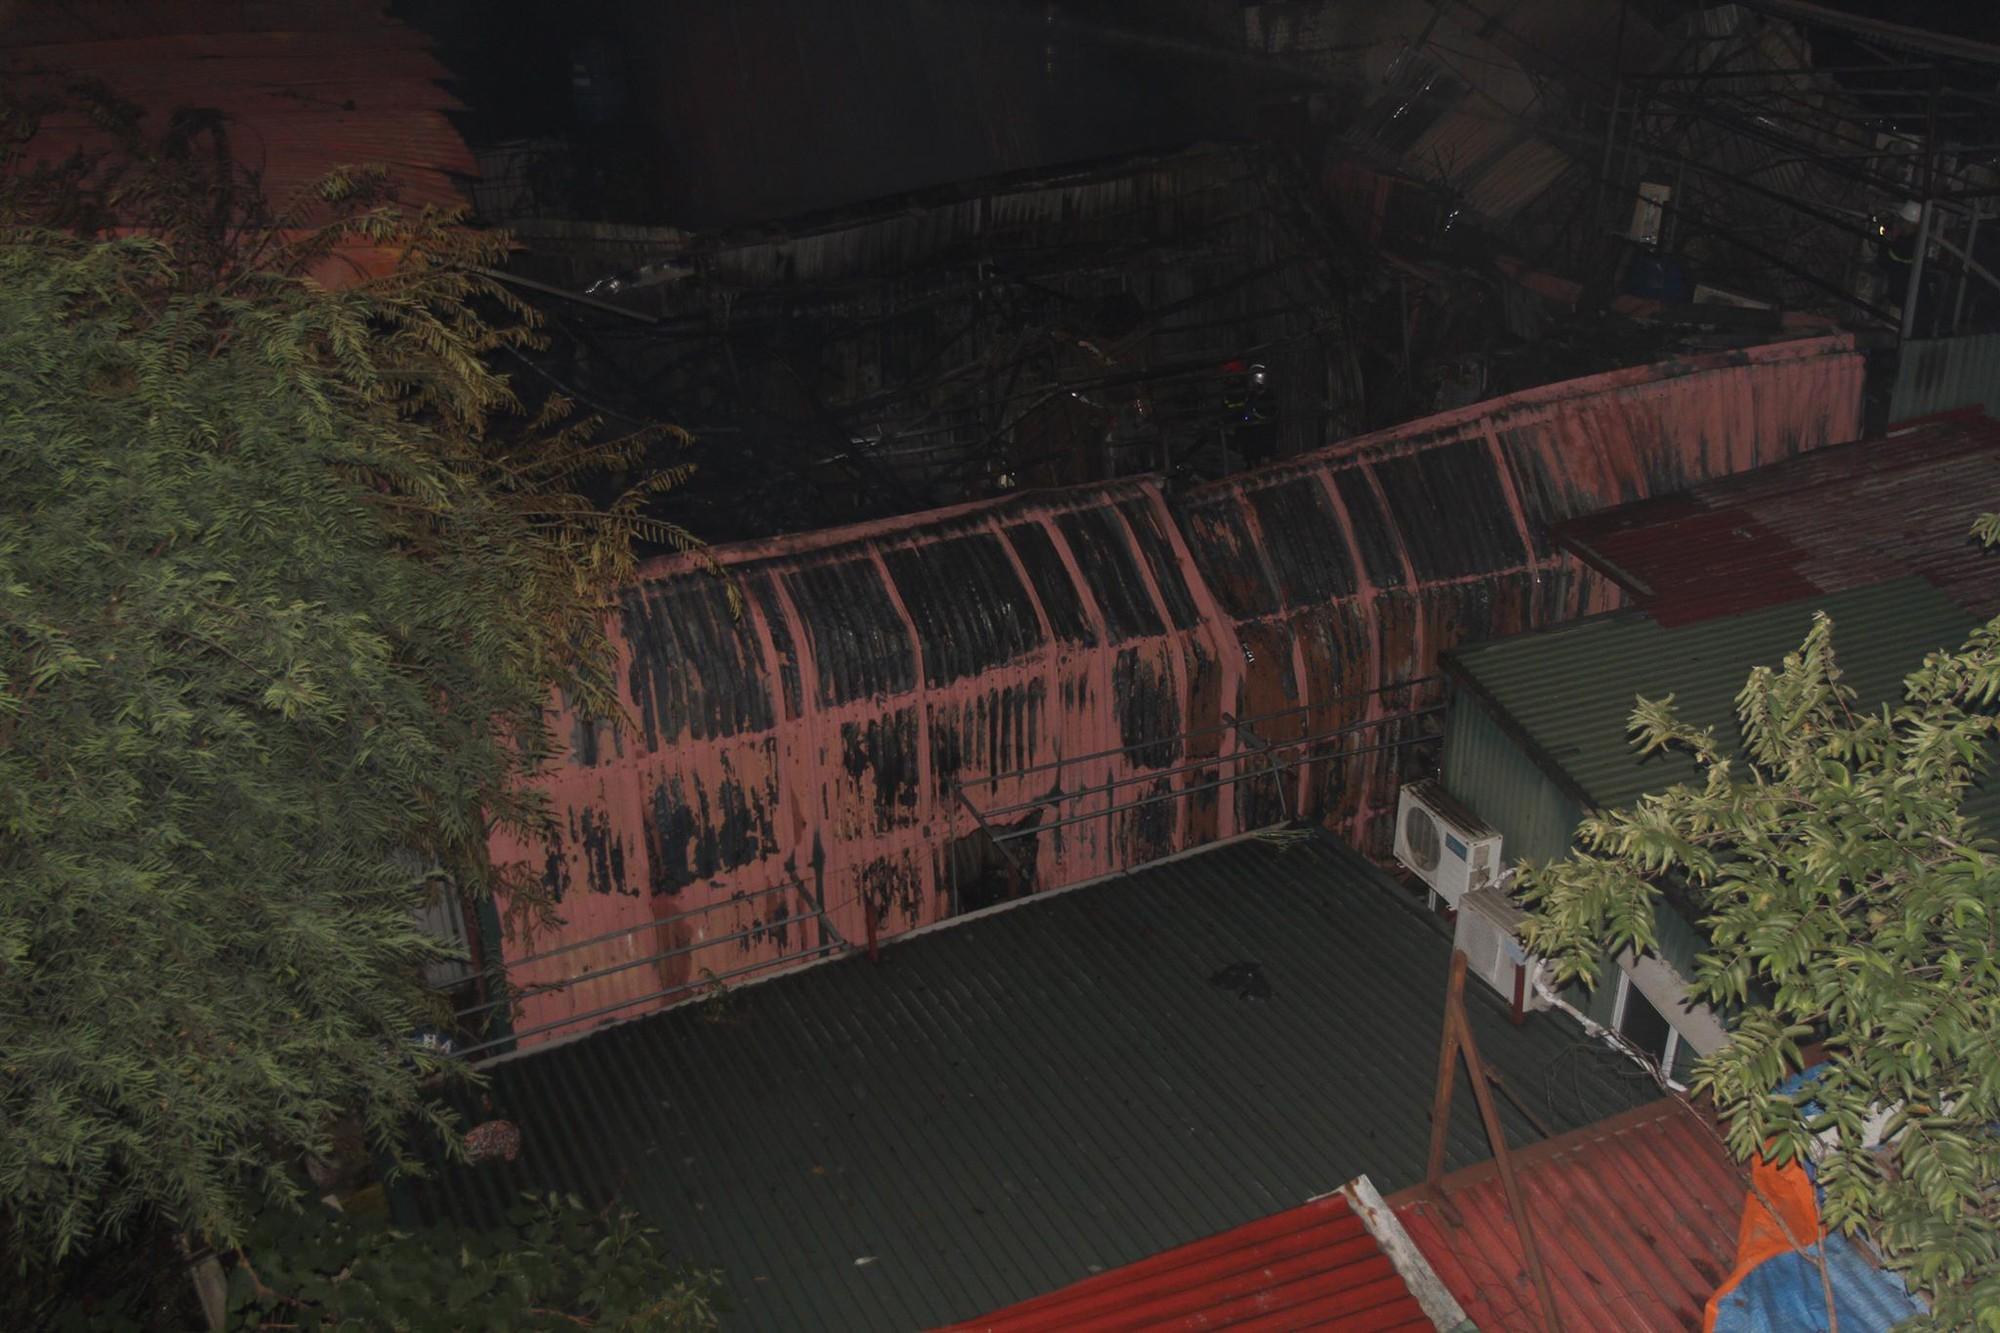 Nóng: Cháy lan kinh hoàng cả dãy trọ gần viện Nhi ở Hà Nội, nhiều người ôm mặt khóc nức nở - Ảnh 25.